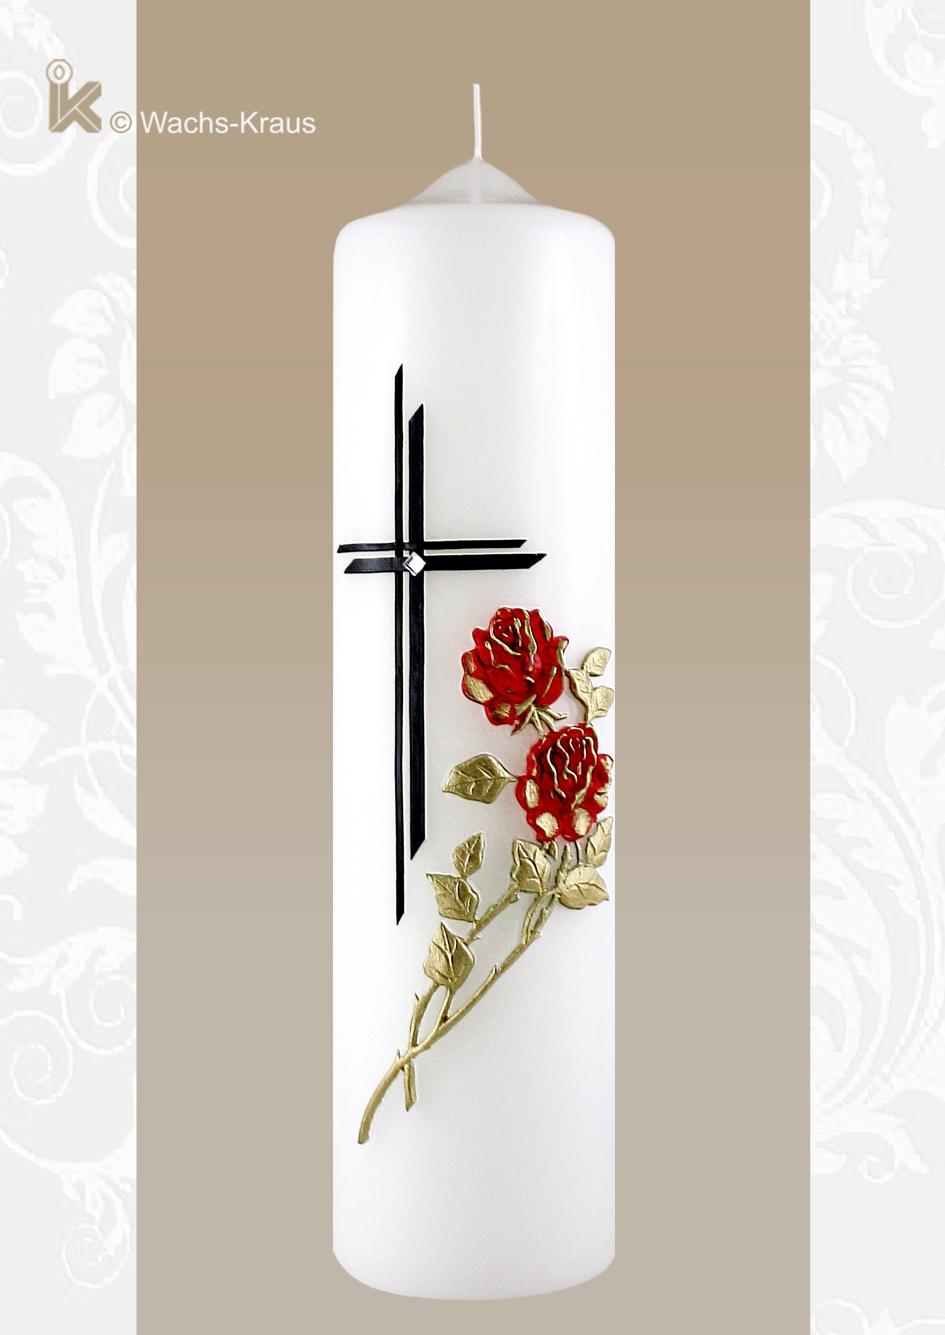 Optisch sehr ansprechende und würdevoll gestaltete Trauerkerze mit einer aus Wachs gegossenen roten Rose und einem doppelt gelegten Kreuz .